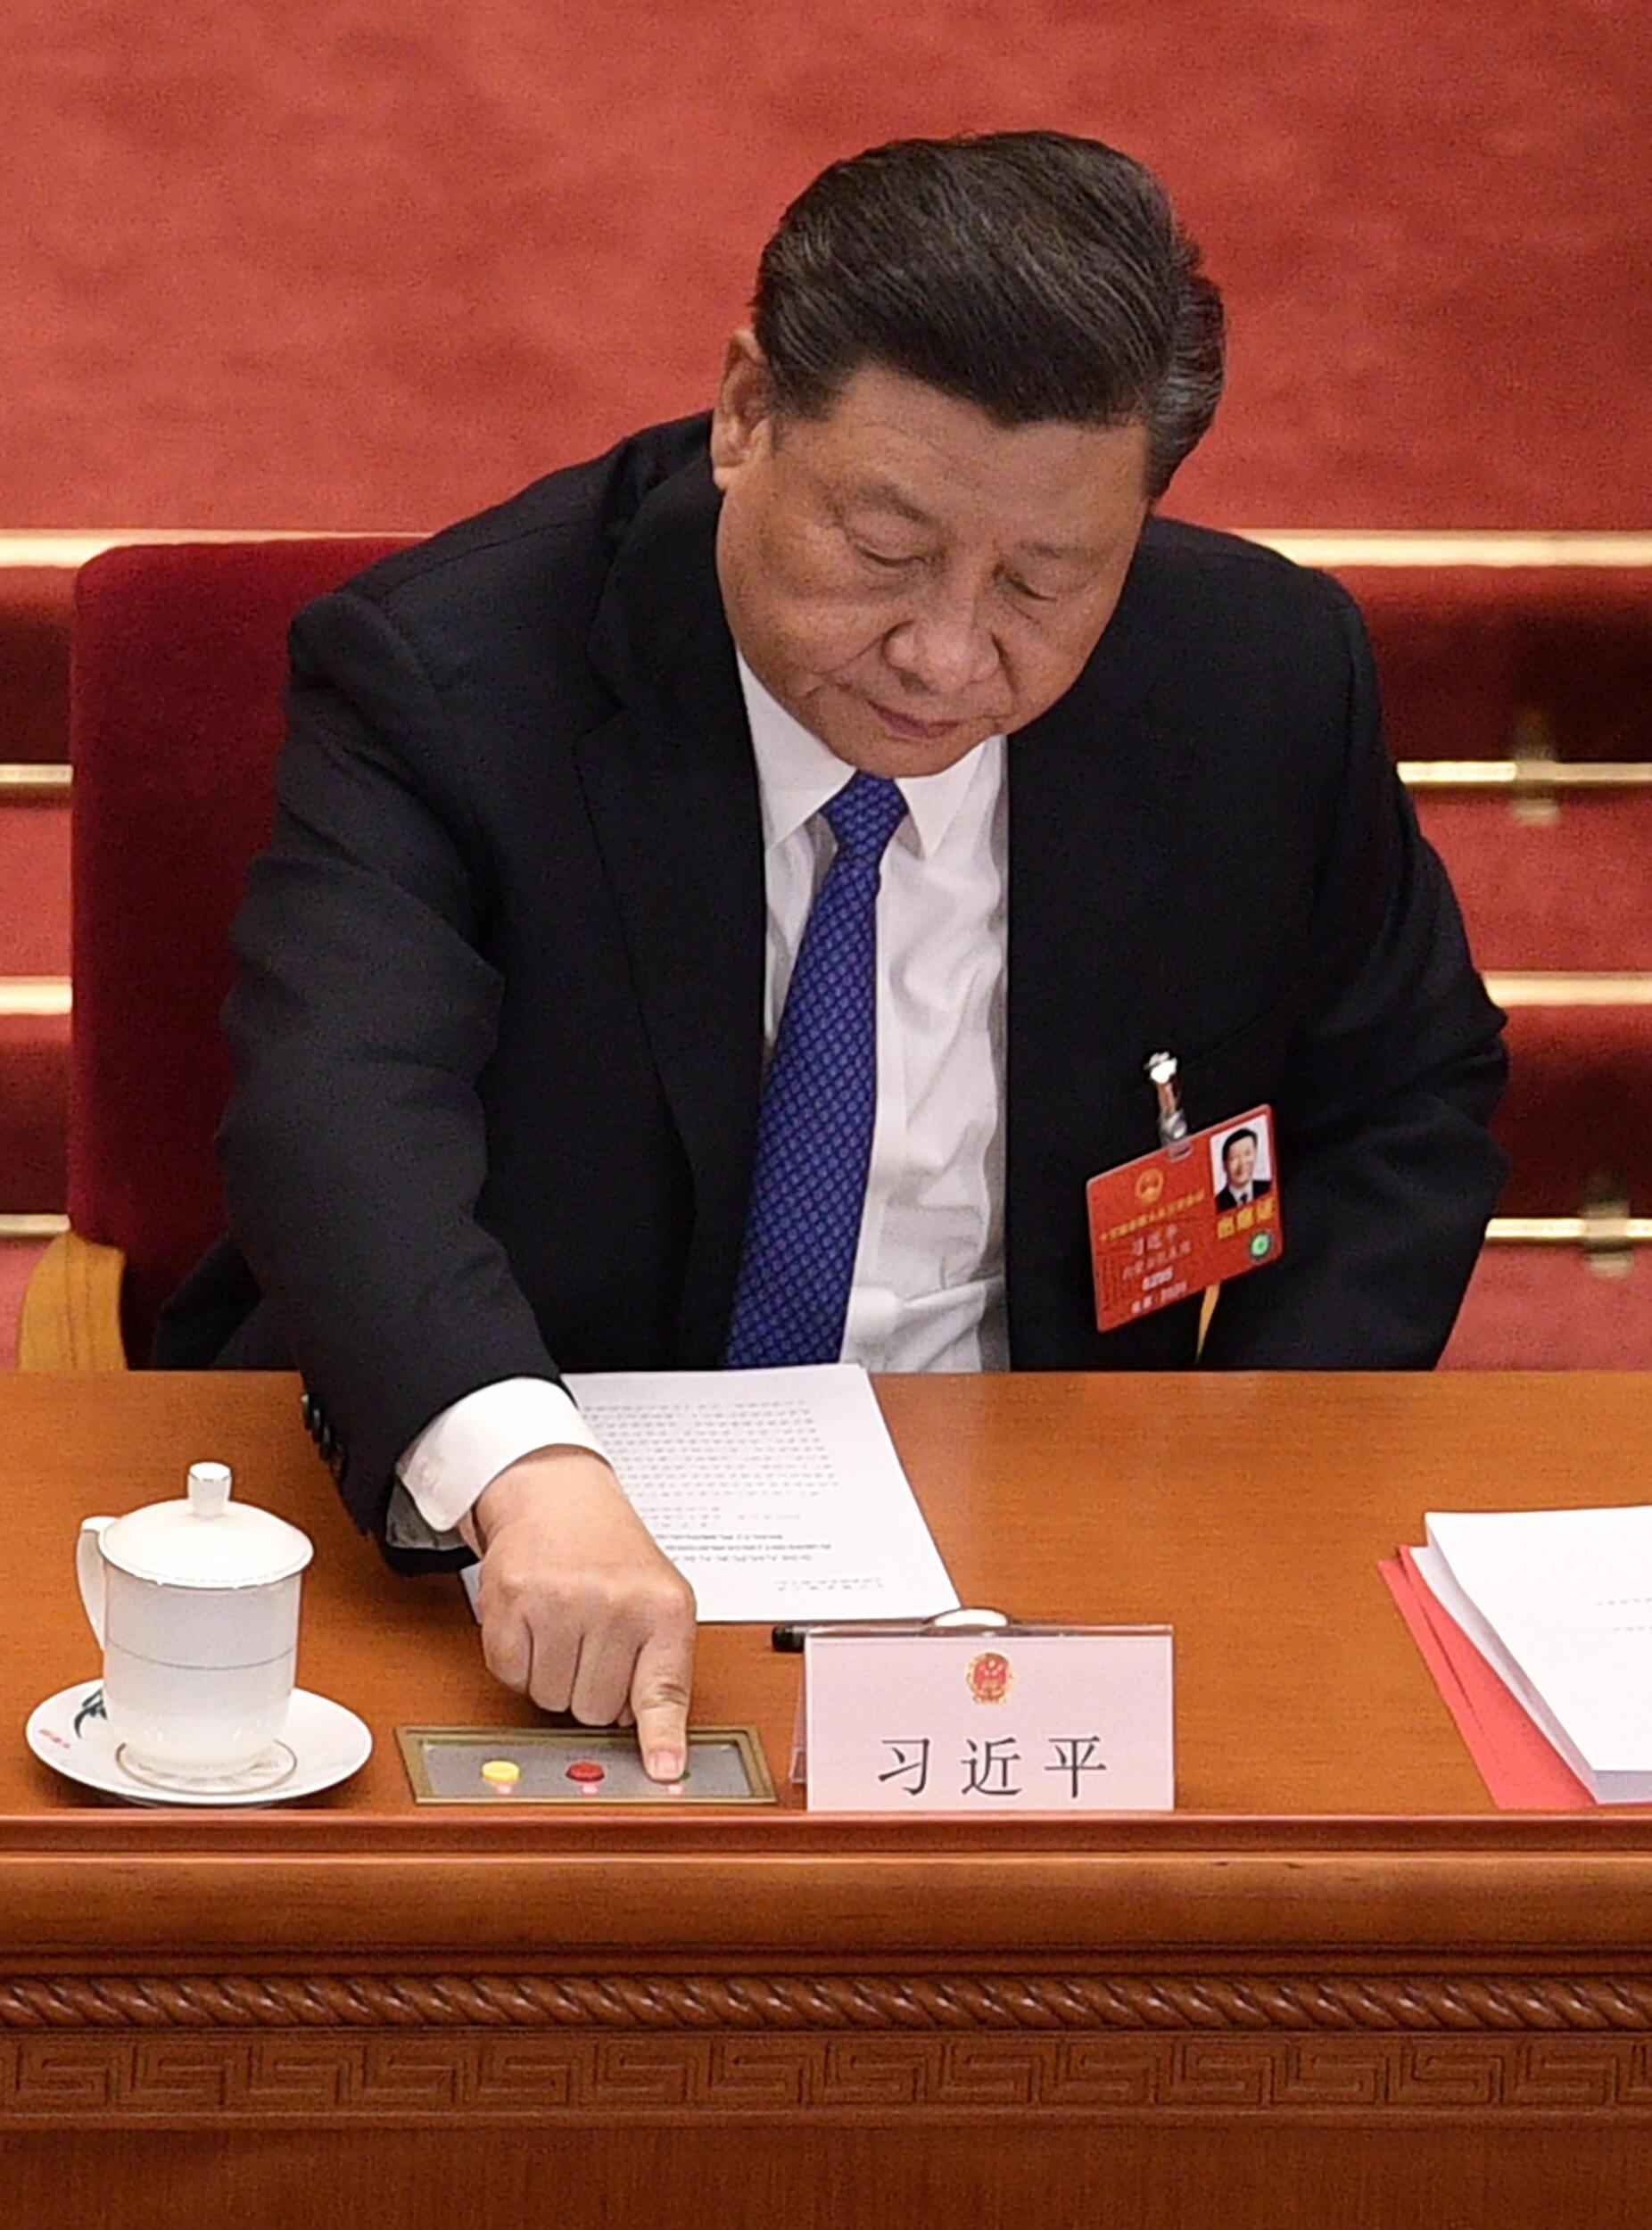 Presidente chinês Xi Jinping era o anfitrião do evento reunindo chineses e africanos no combate à Covid-19 (Foto de arquivo).